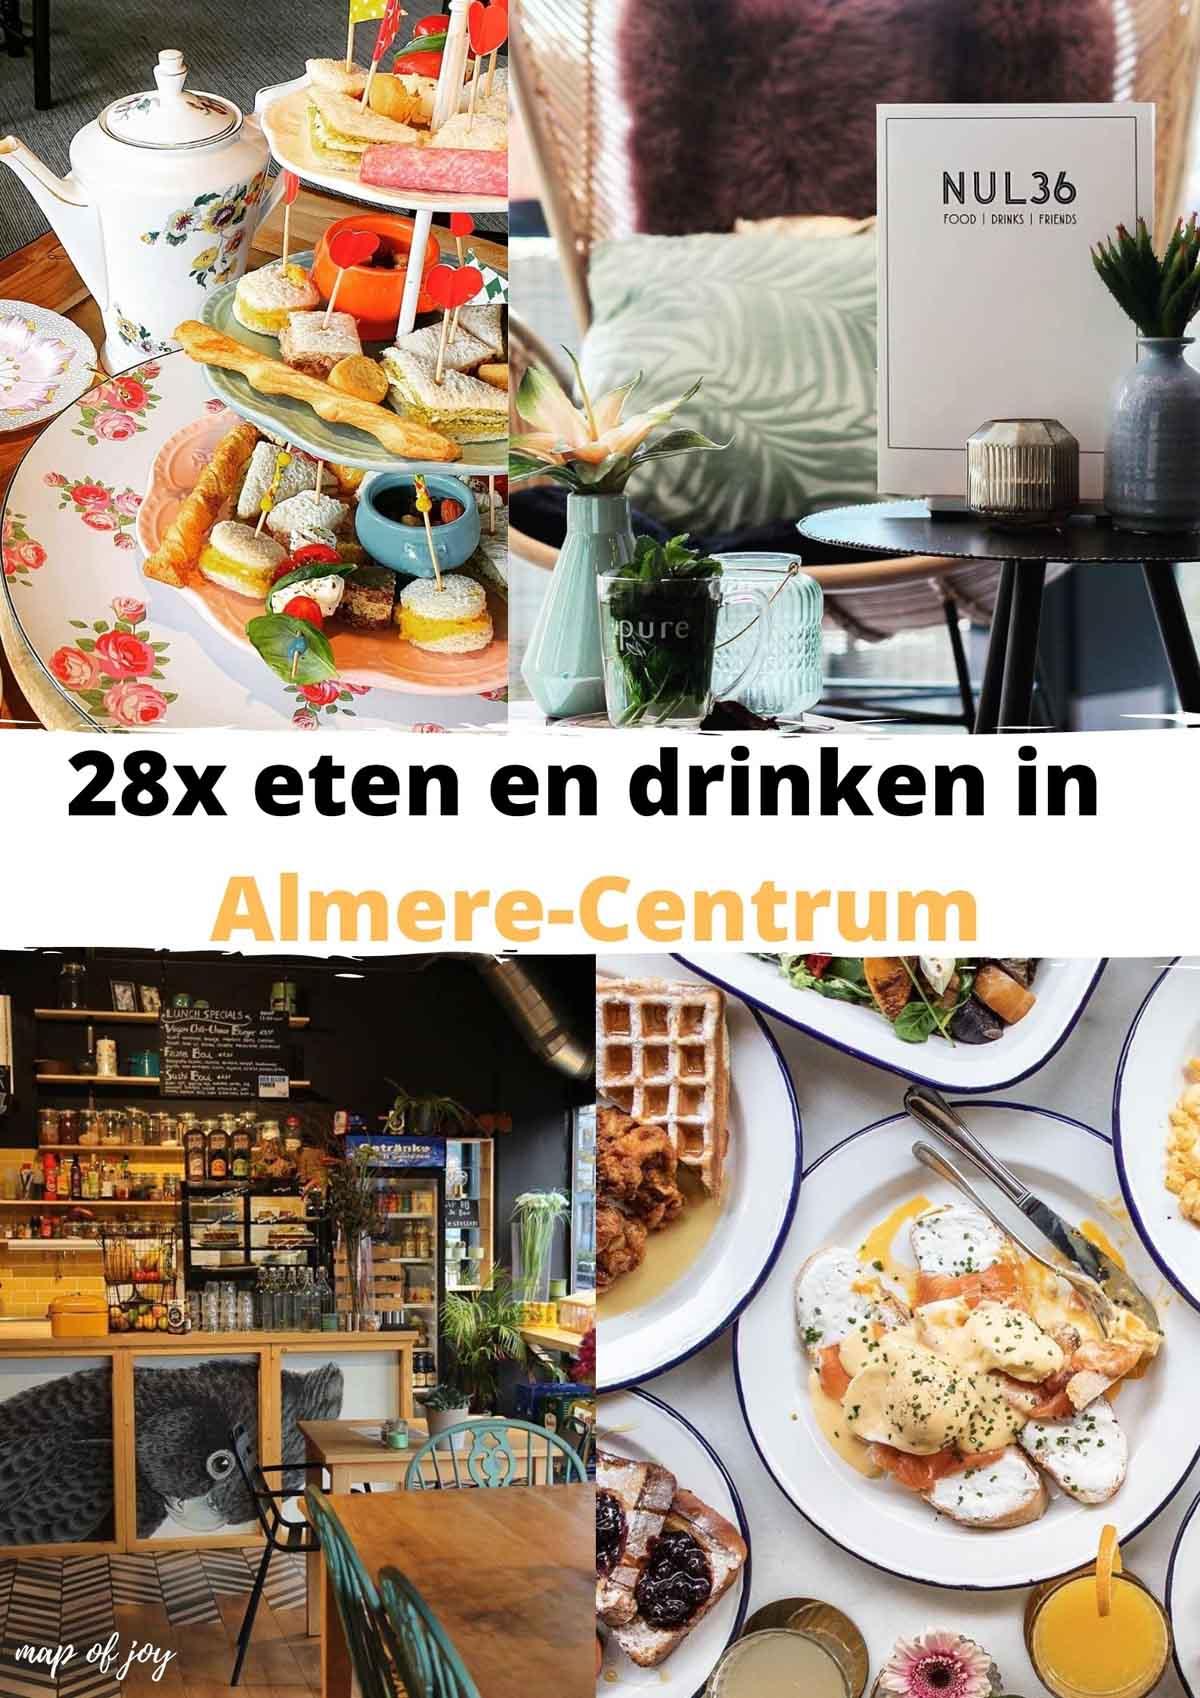 eten en drinken in Almere-Centrum